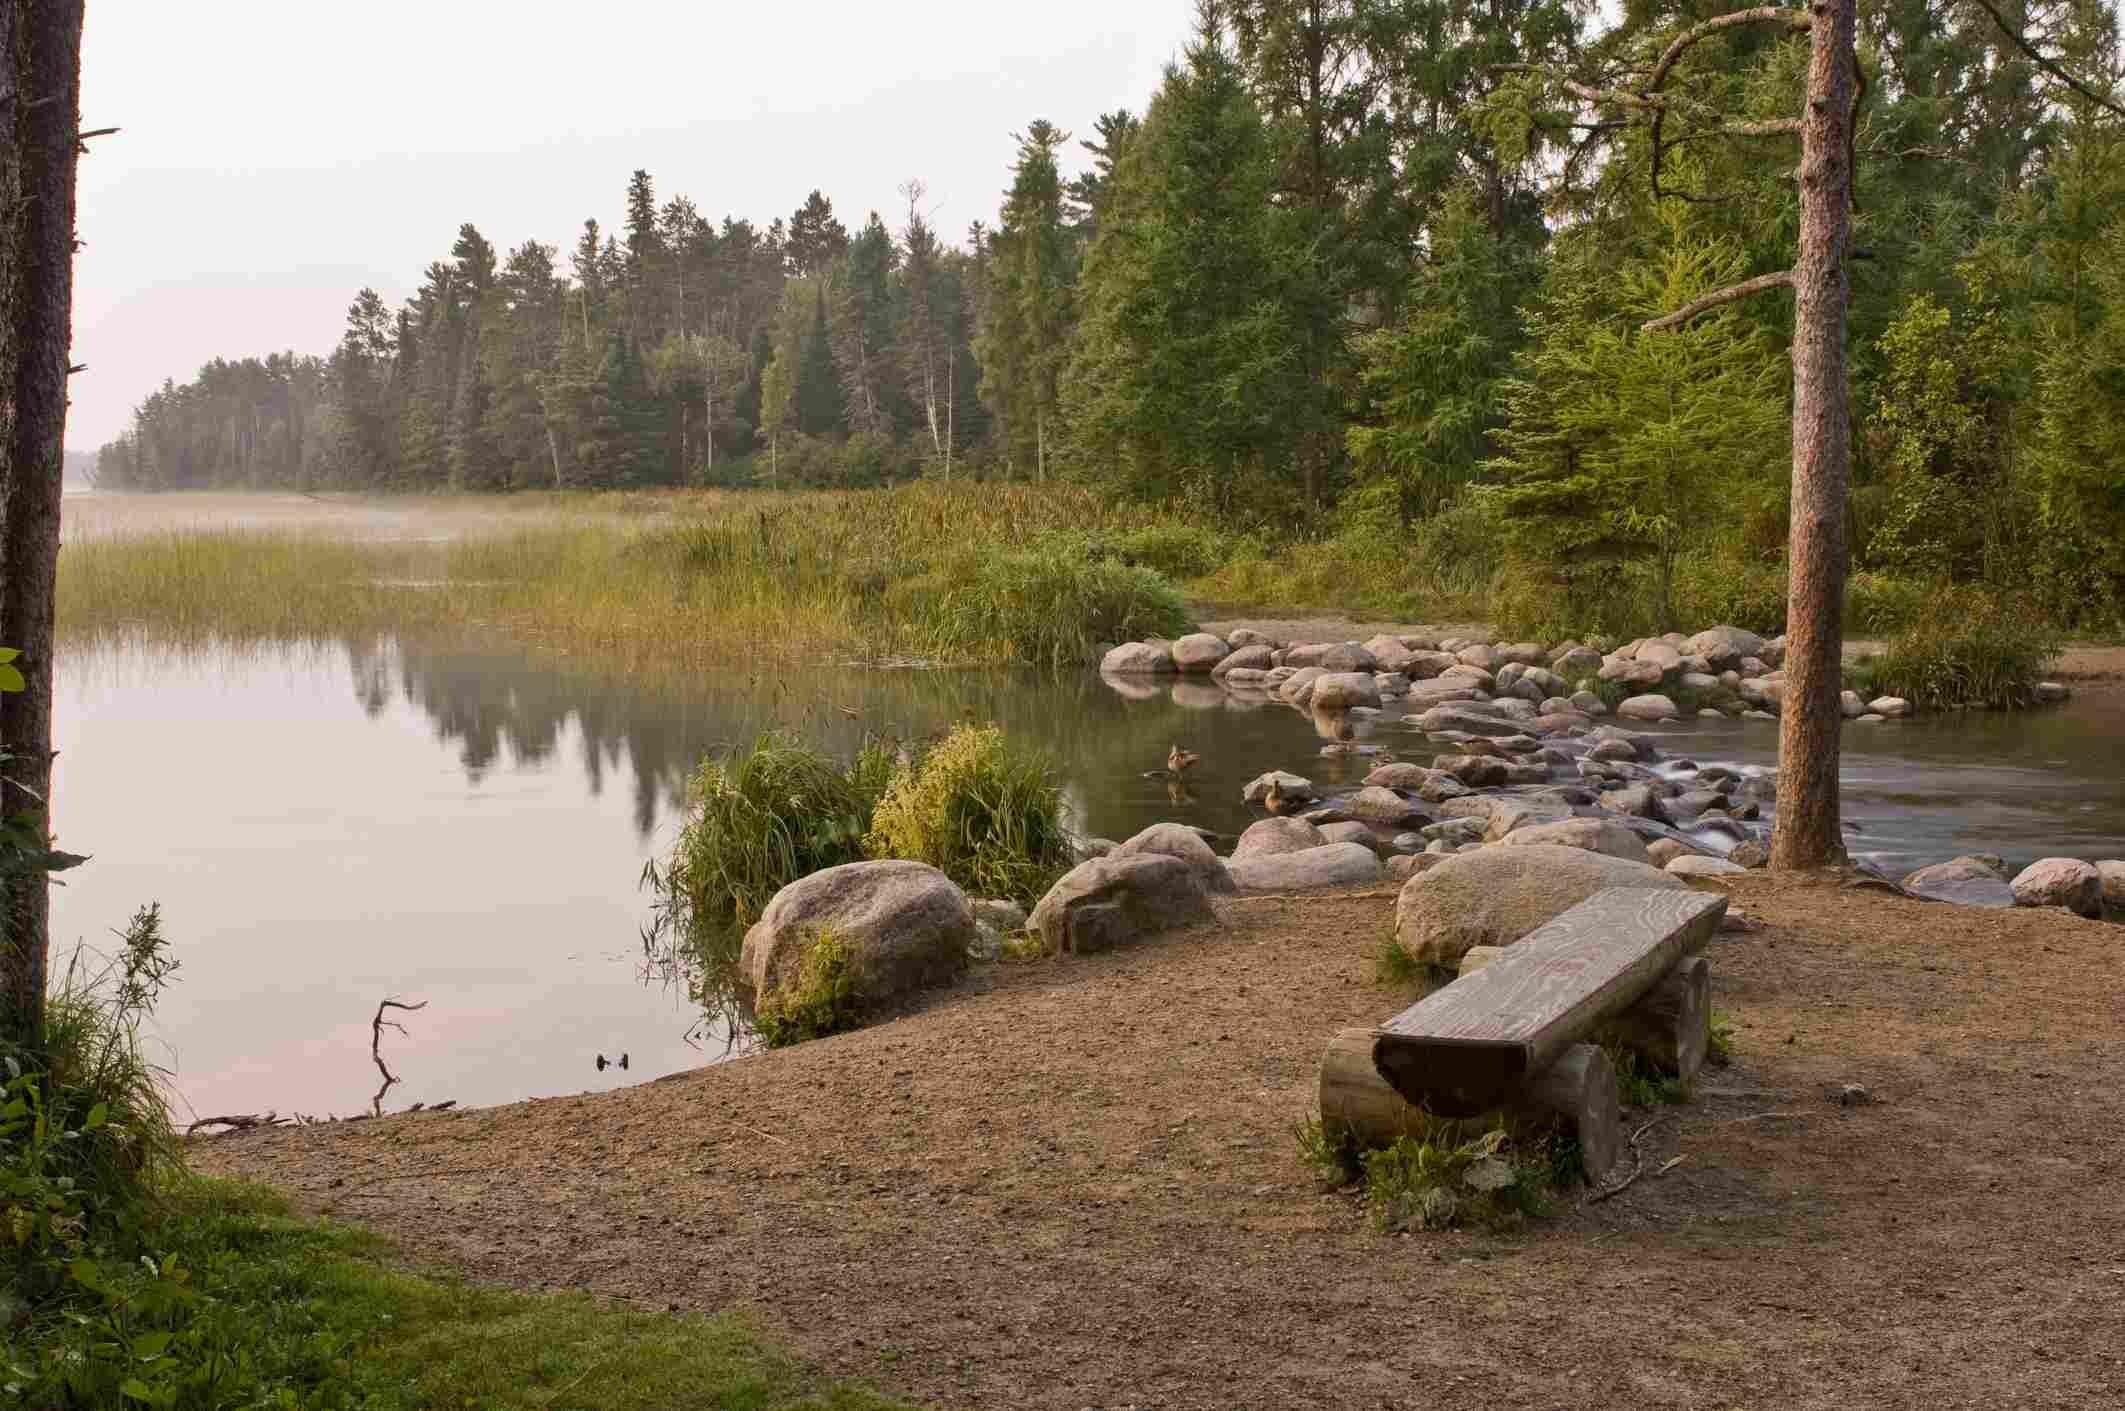 Cabeceras de Mississippi, Itasca State Park, Minnesota, EE. UU.